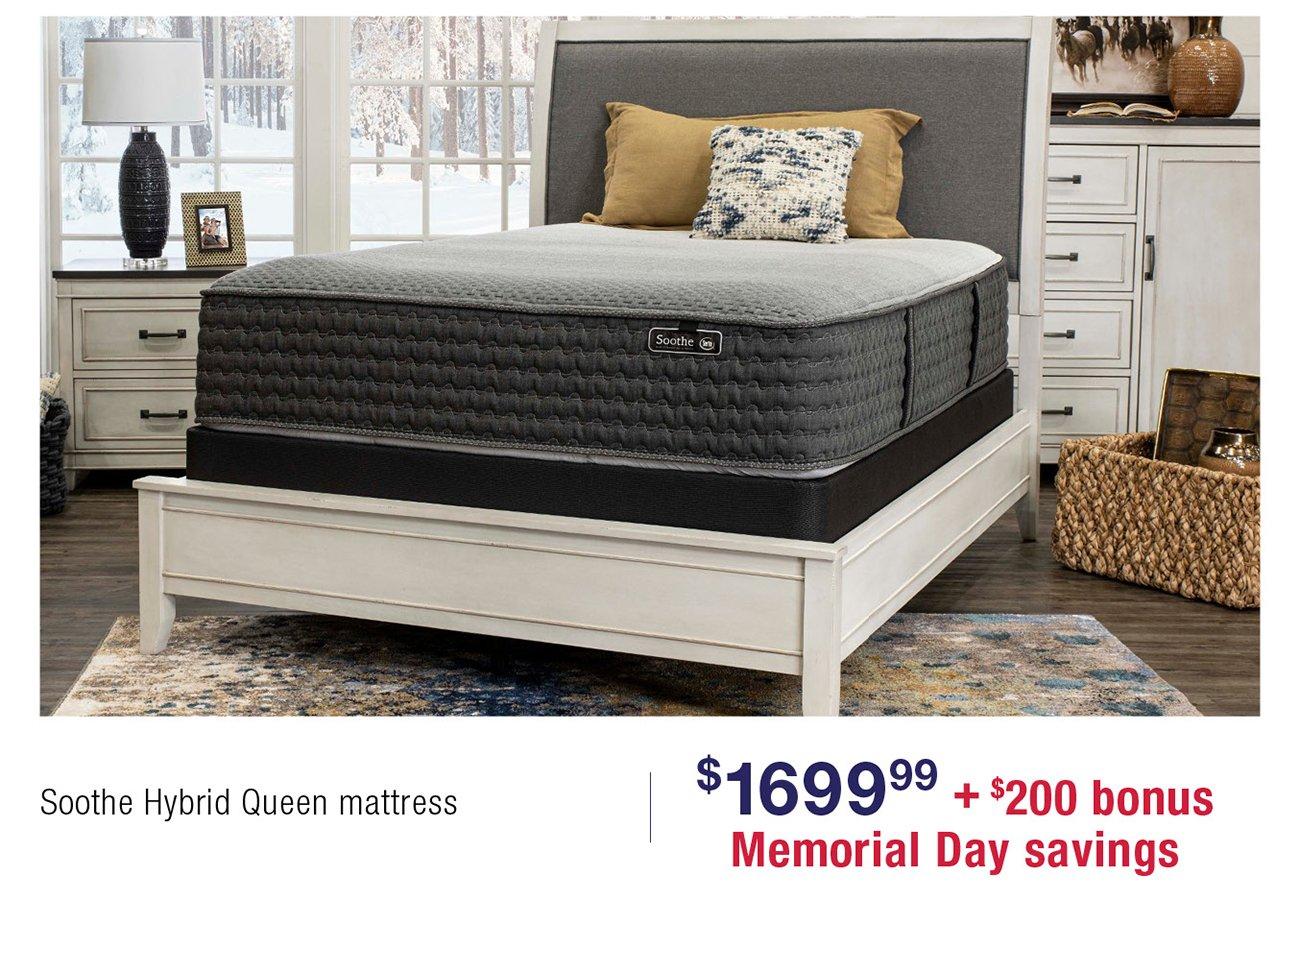 Serta-soothe-queen-mattress